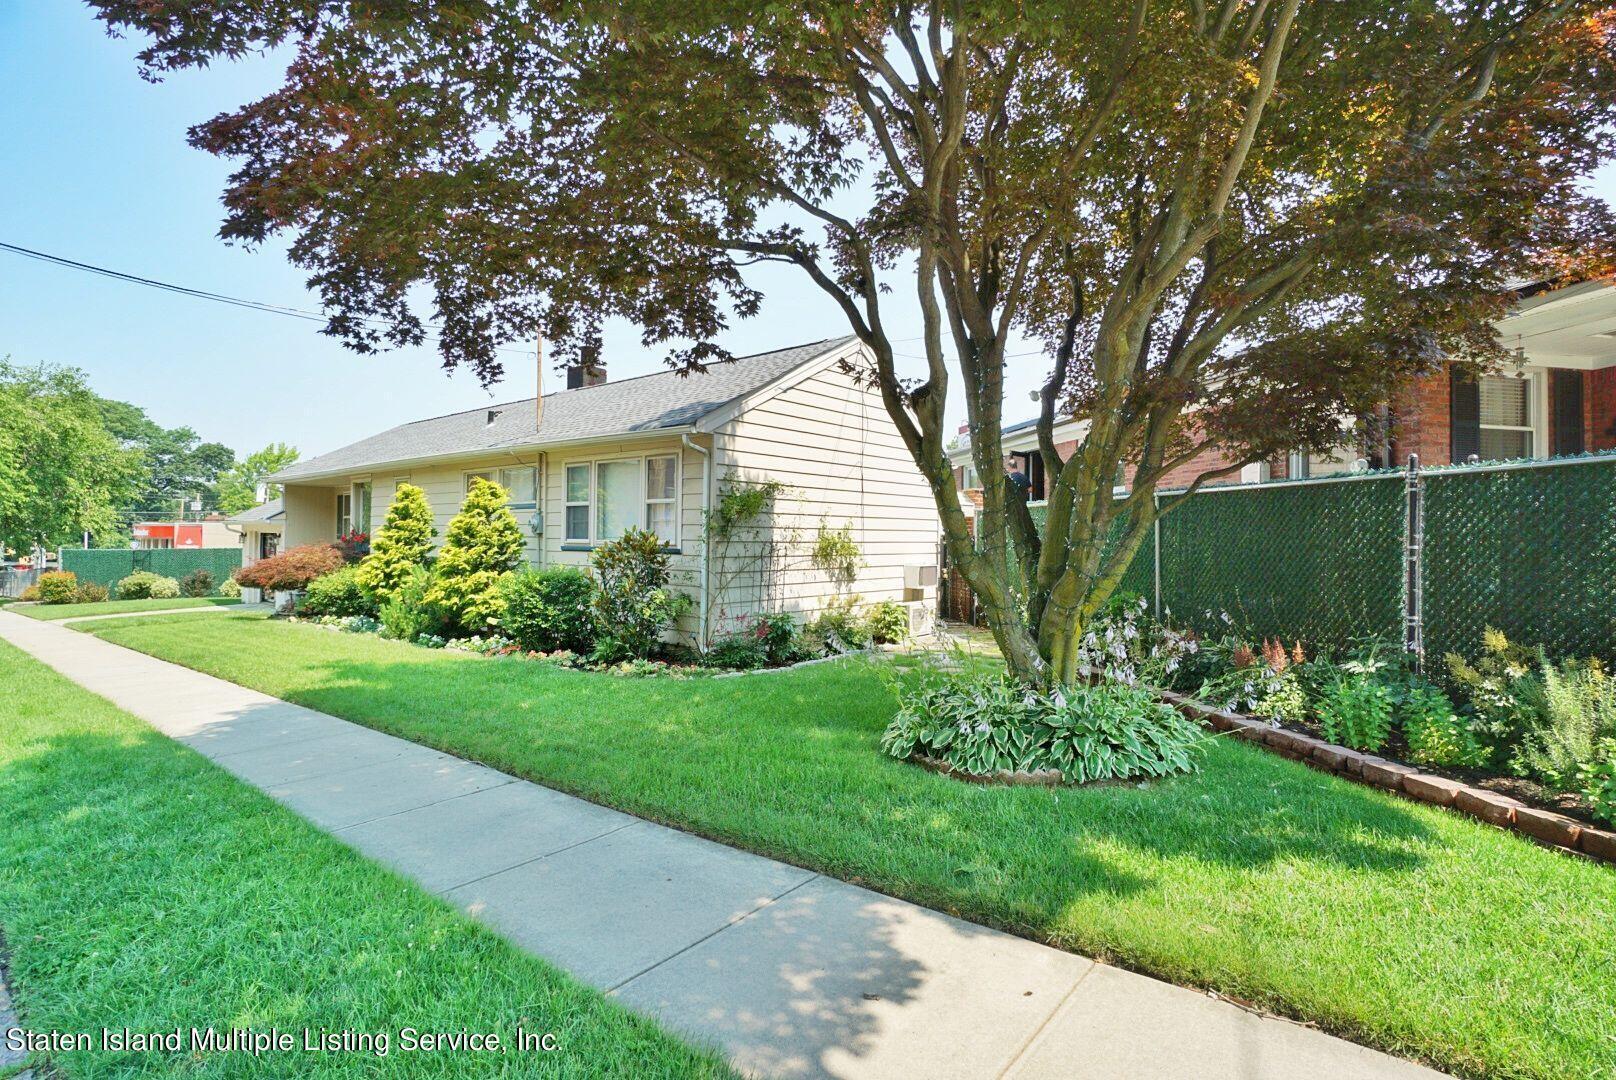 Single Family - Detached 29 City Boulevard  Staten Island, NY 10301, MLS-1147694-6